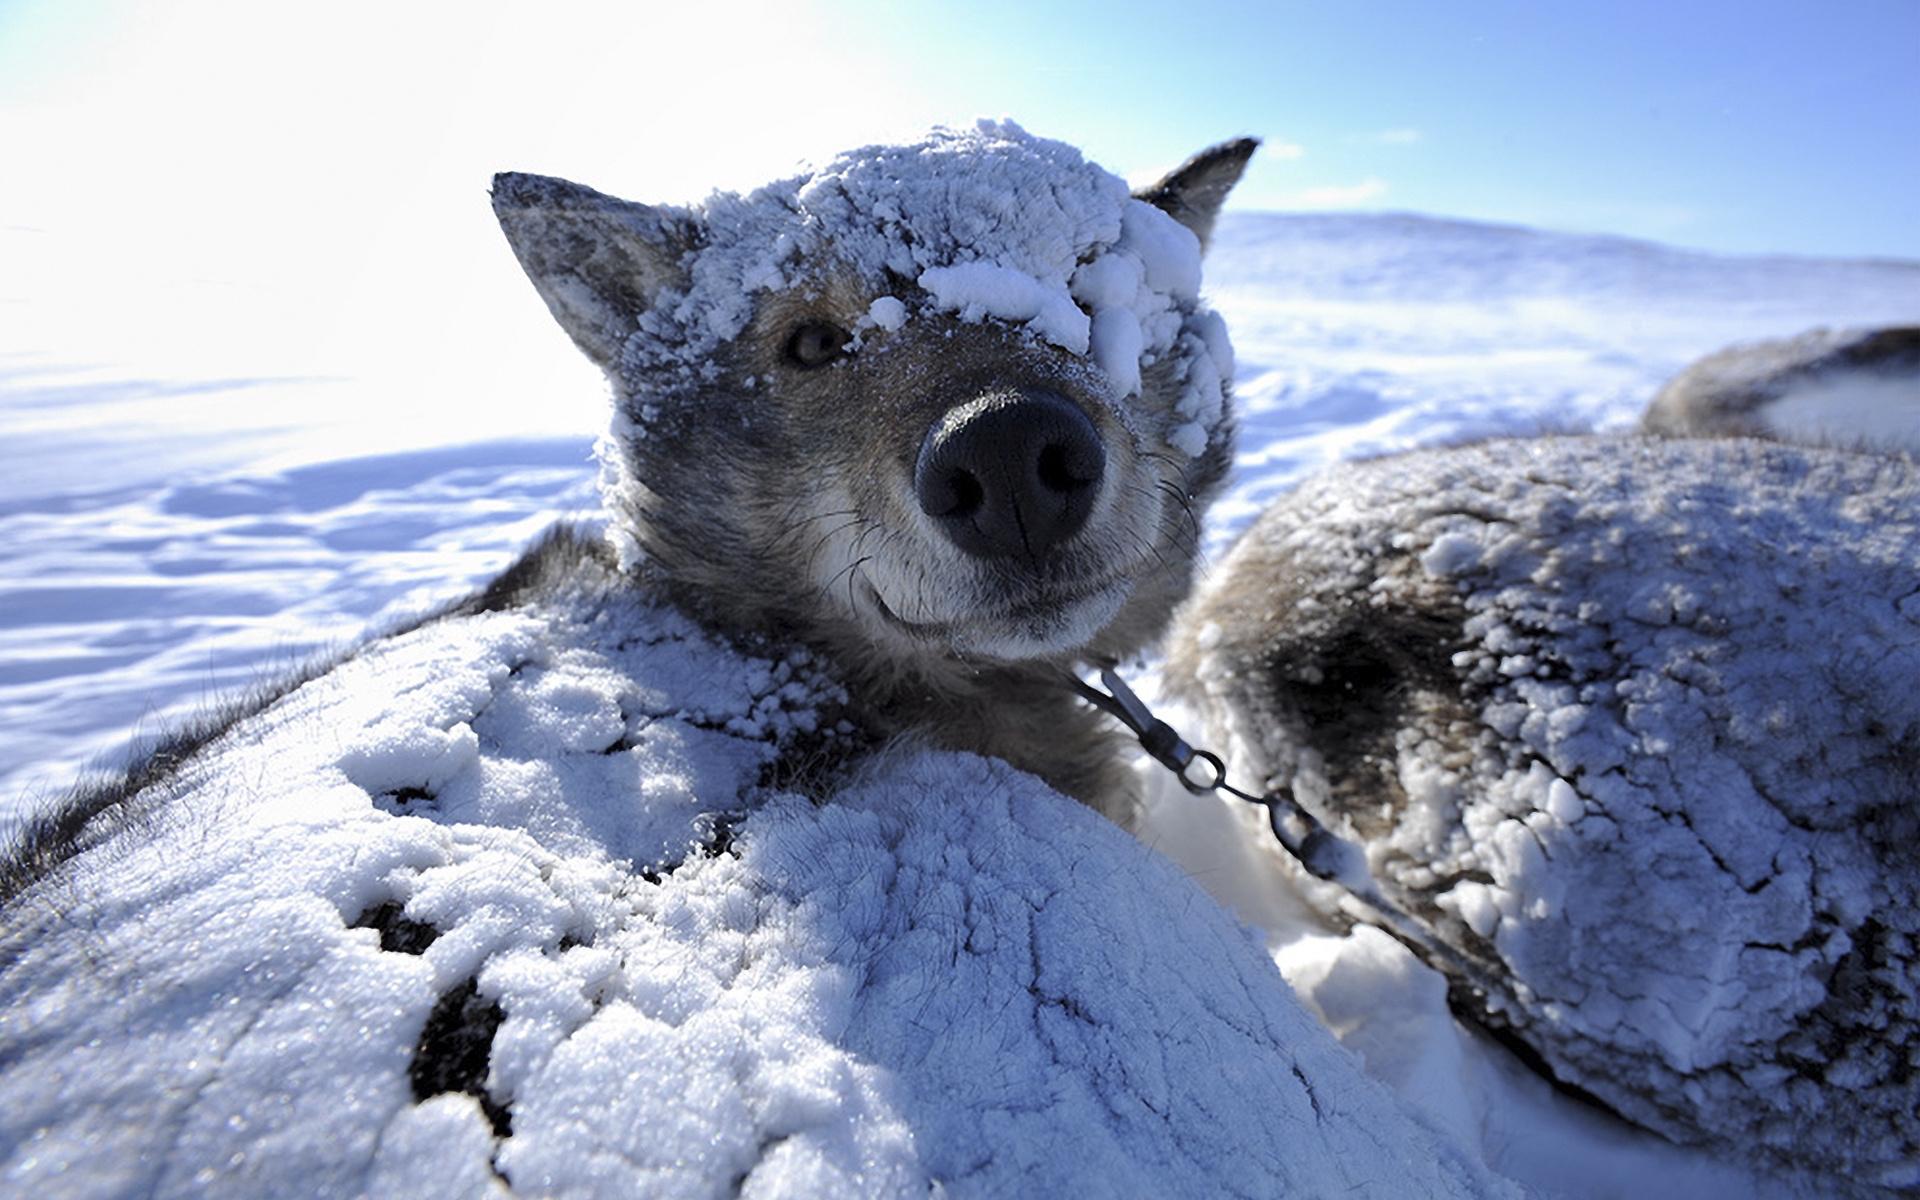 Sled dog husky wake up